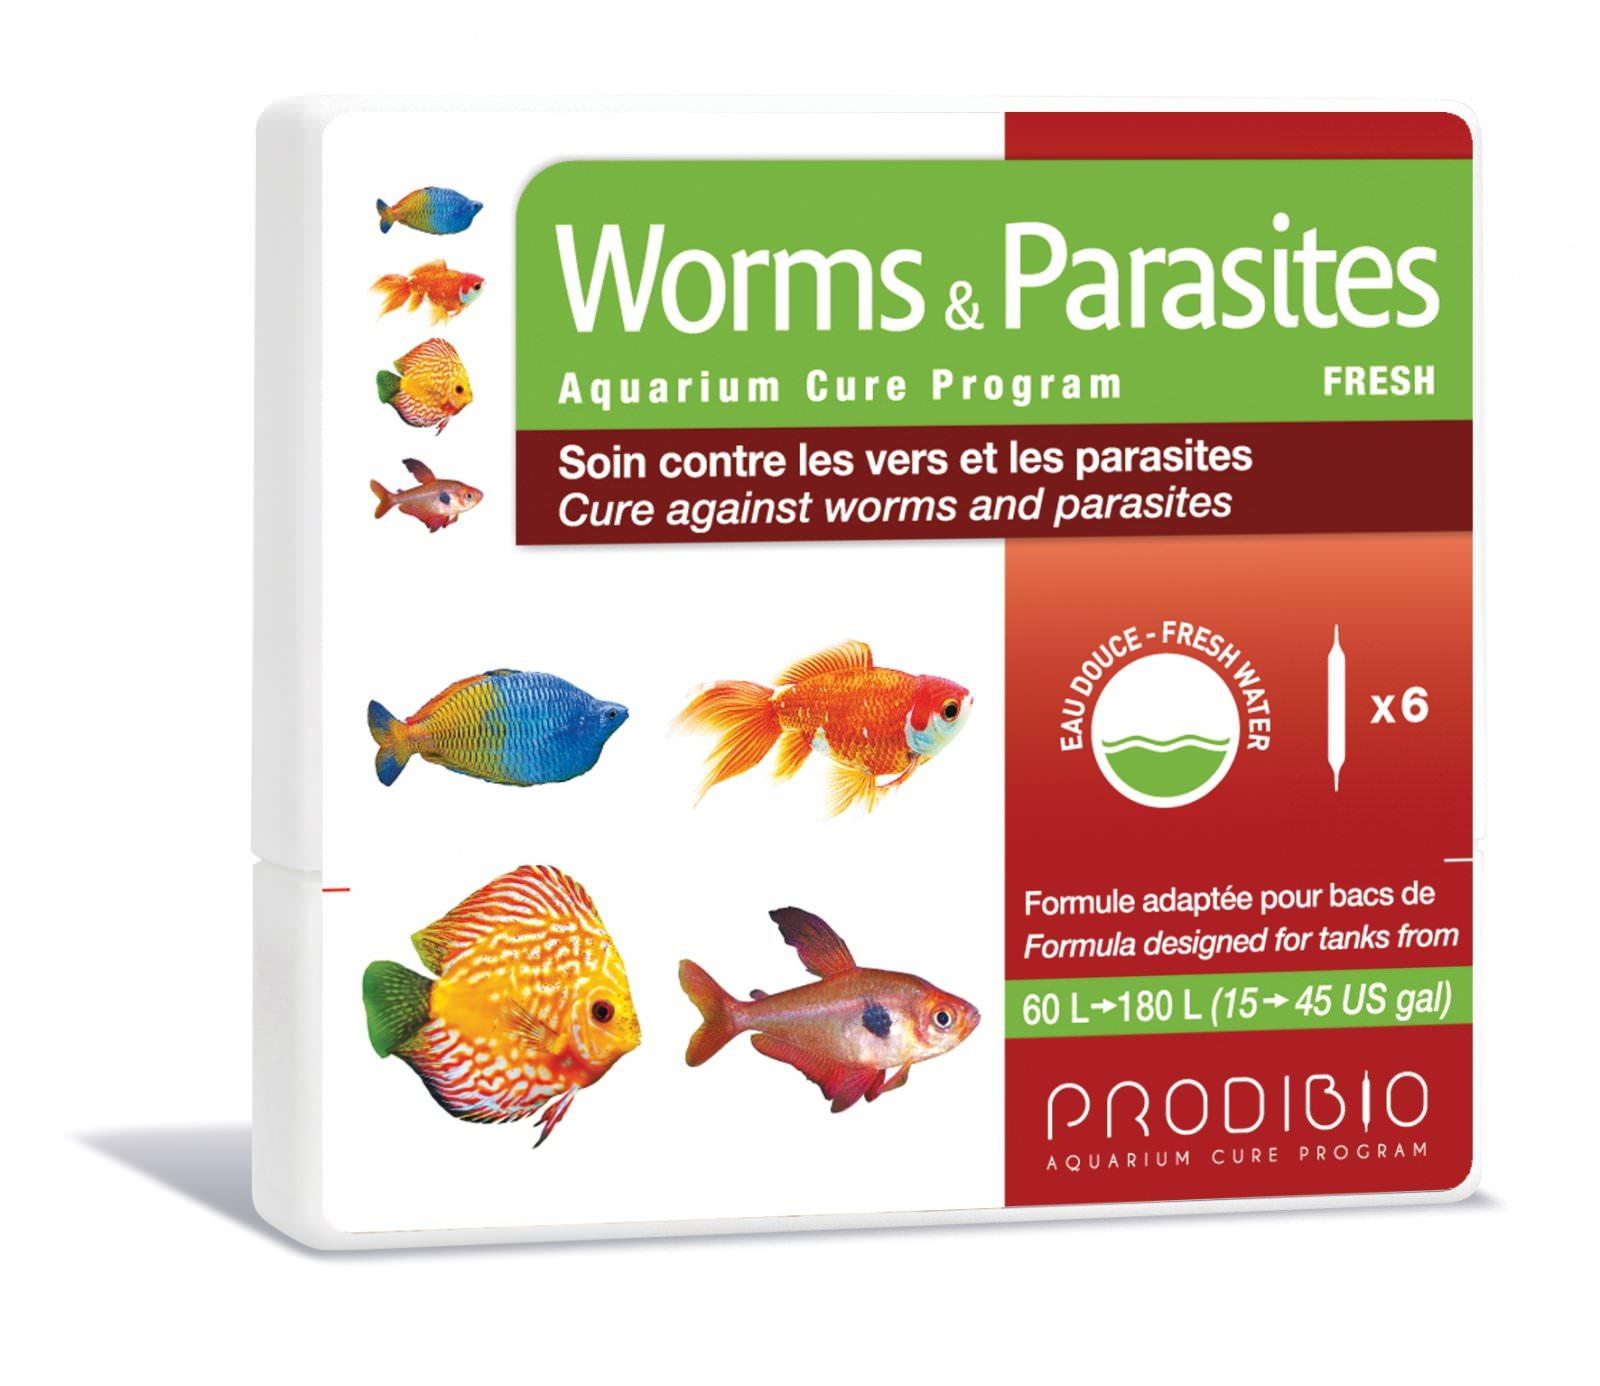 PRODIBIO Worms & Parasites Fresh 6 ampoules soins contre les vers et les parasites infestant des poissons d'\'eau douce